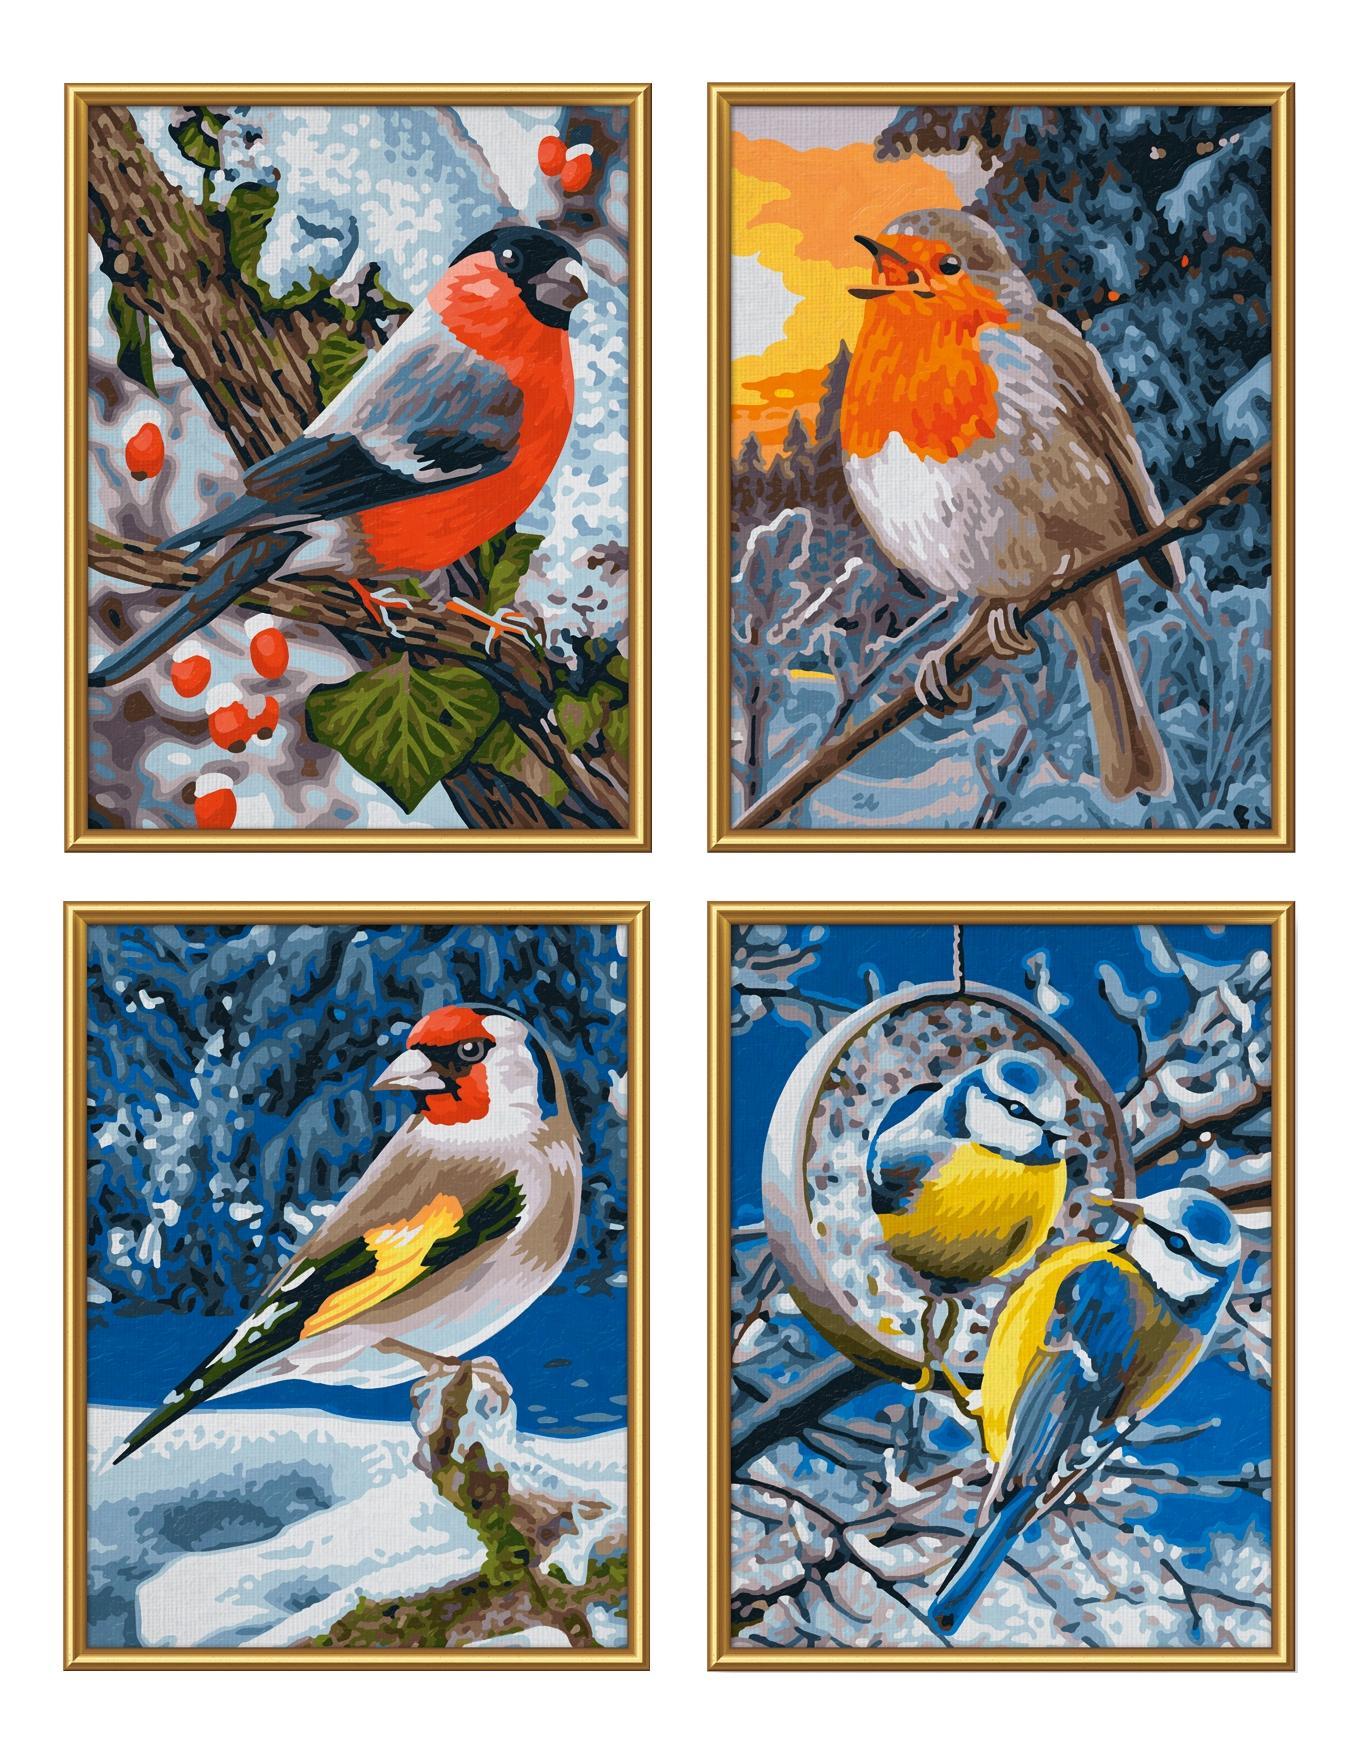 Картина по номерам – Птицы зимой. 4 картины, 18 х 24